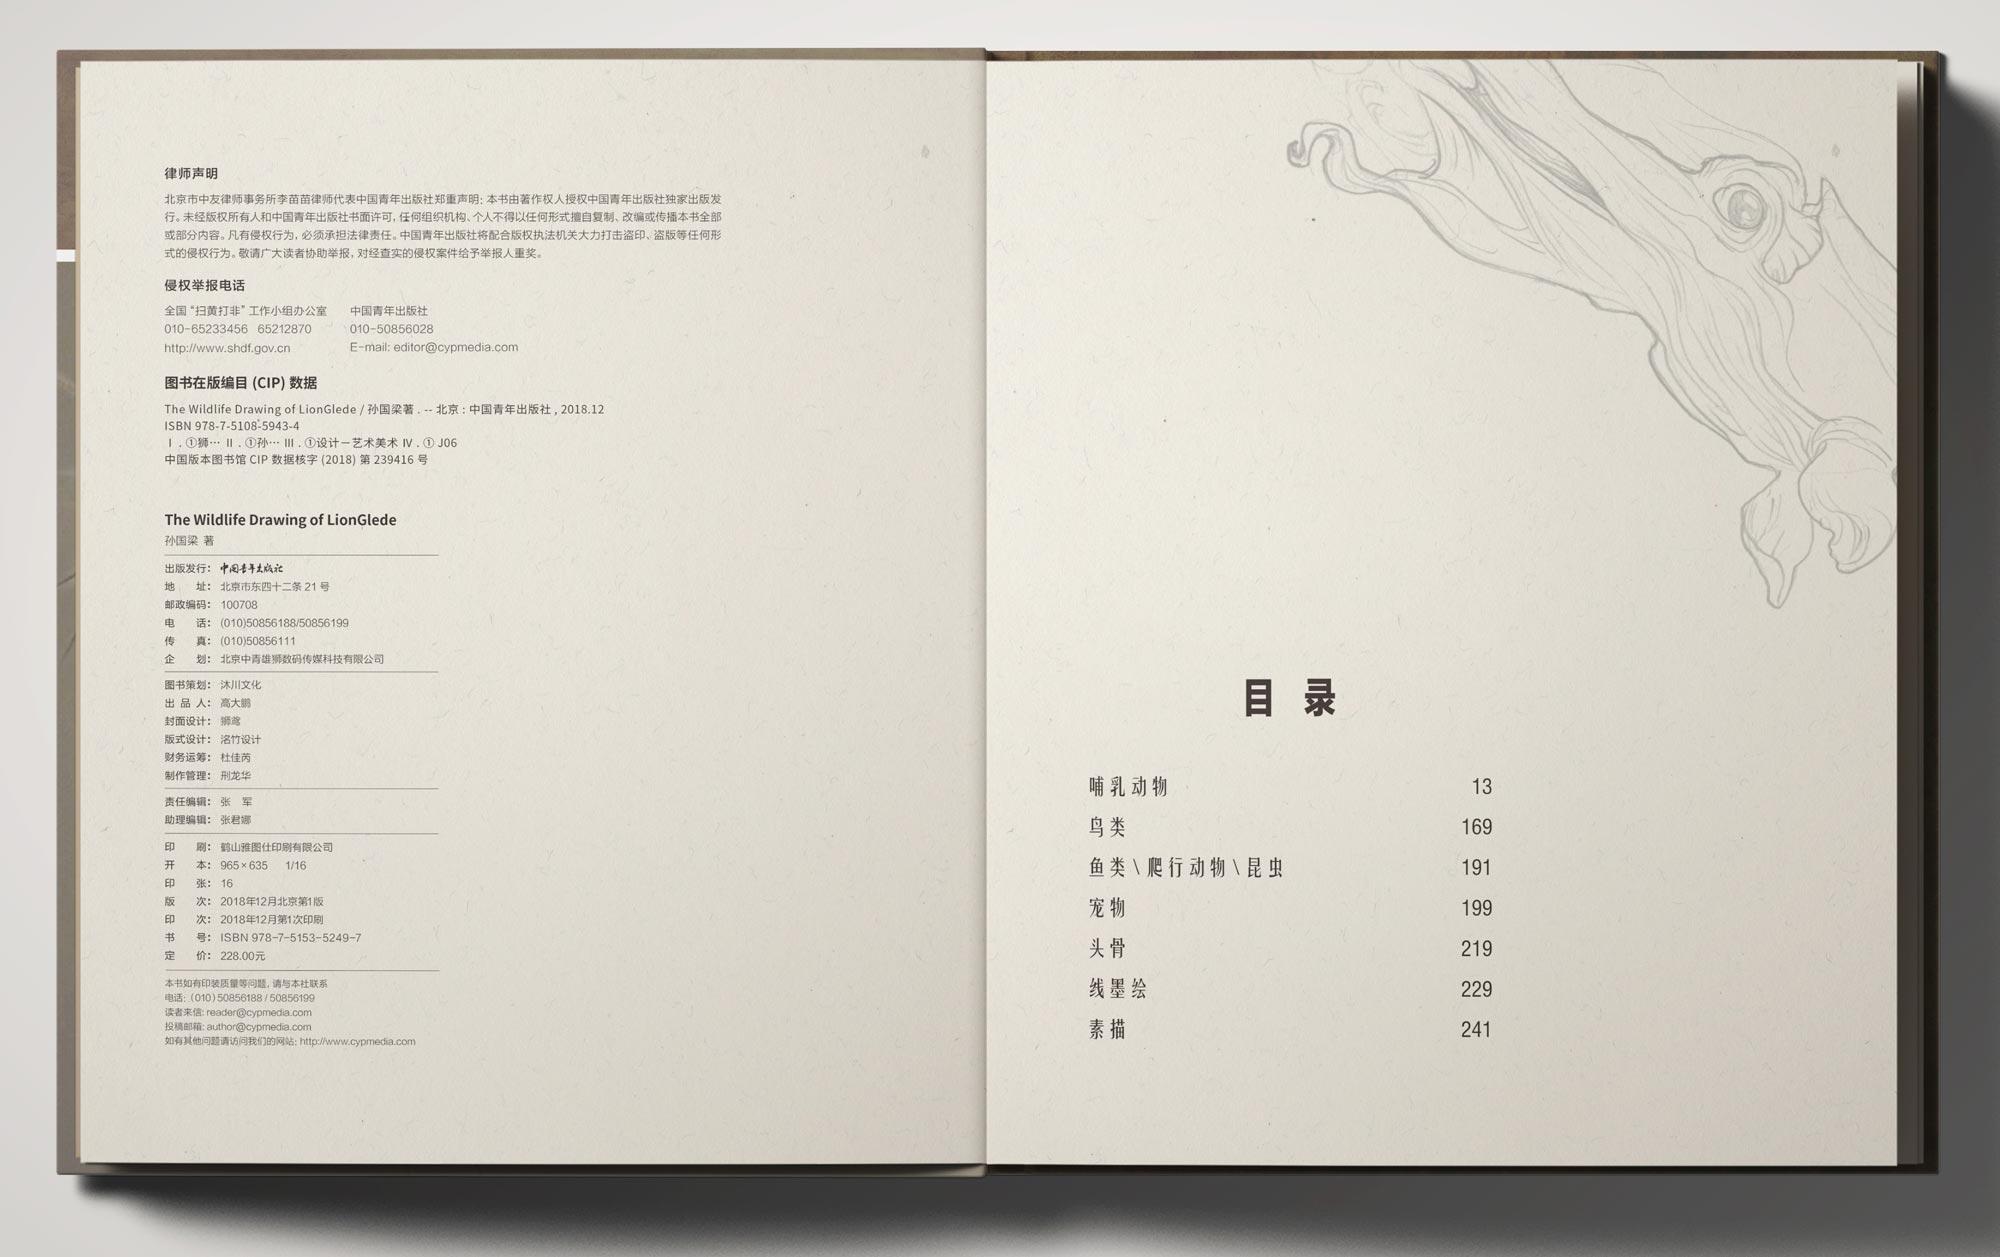 002-003.jpg